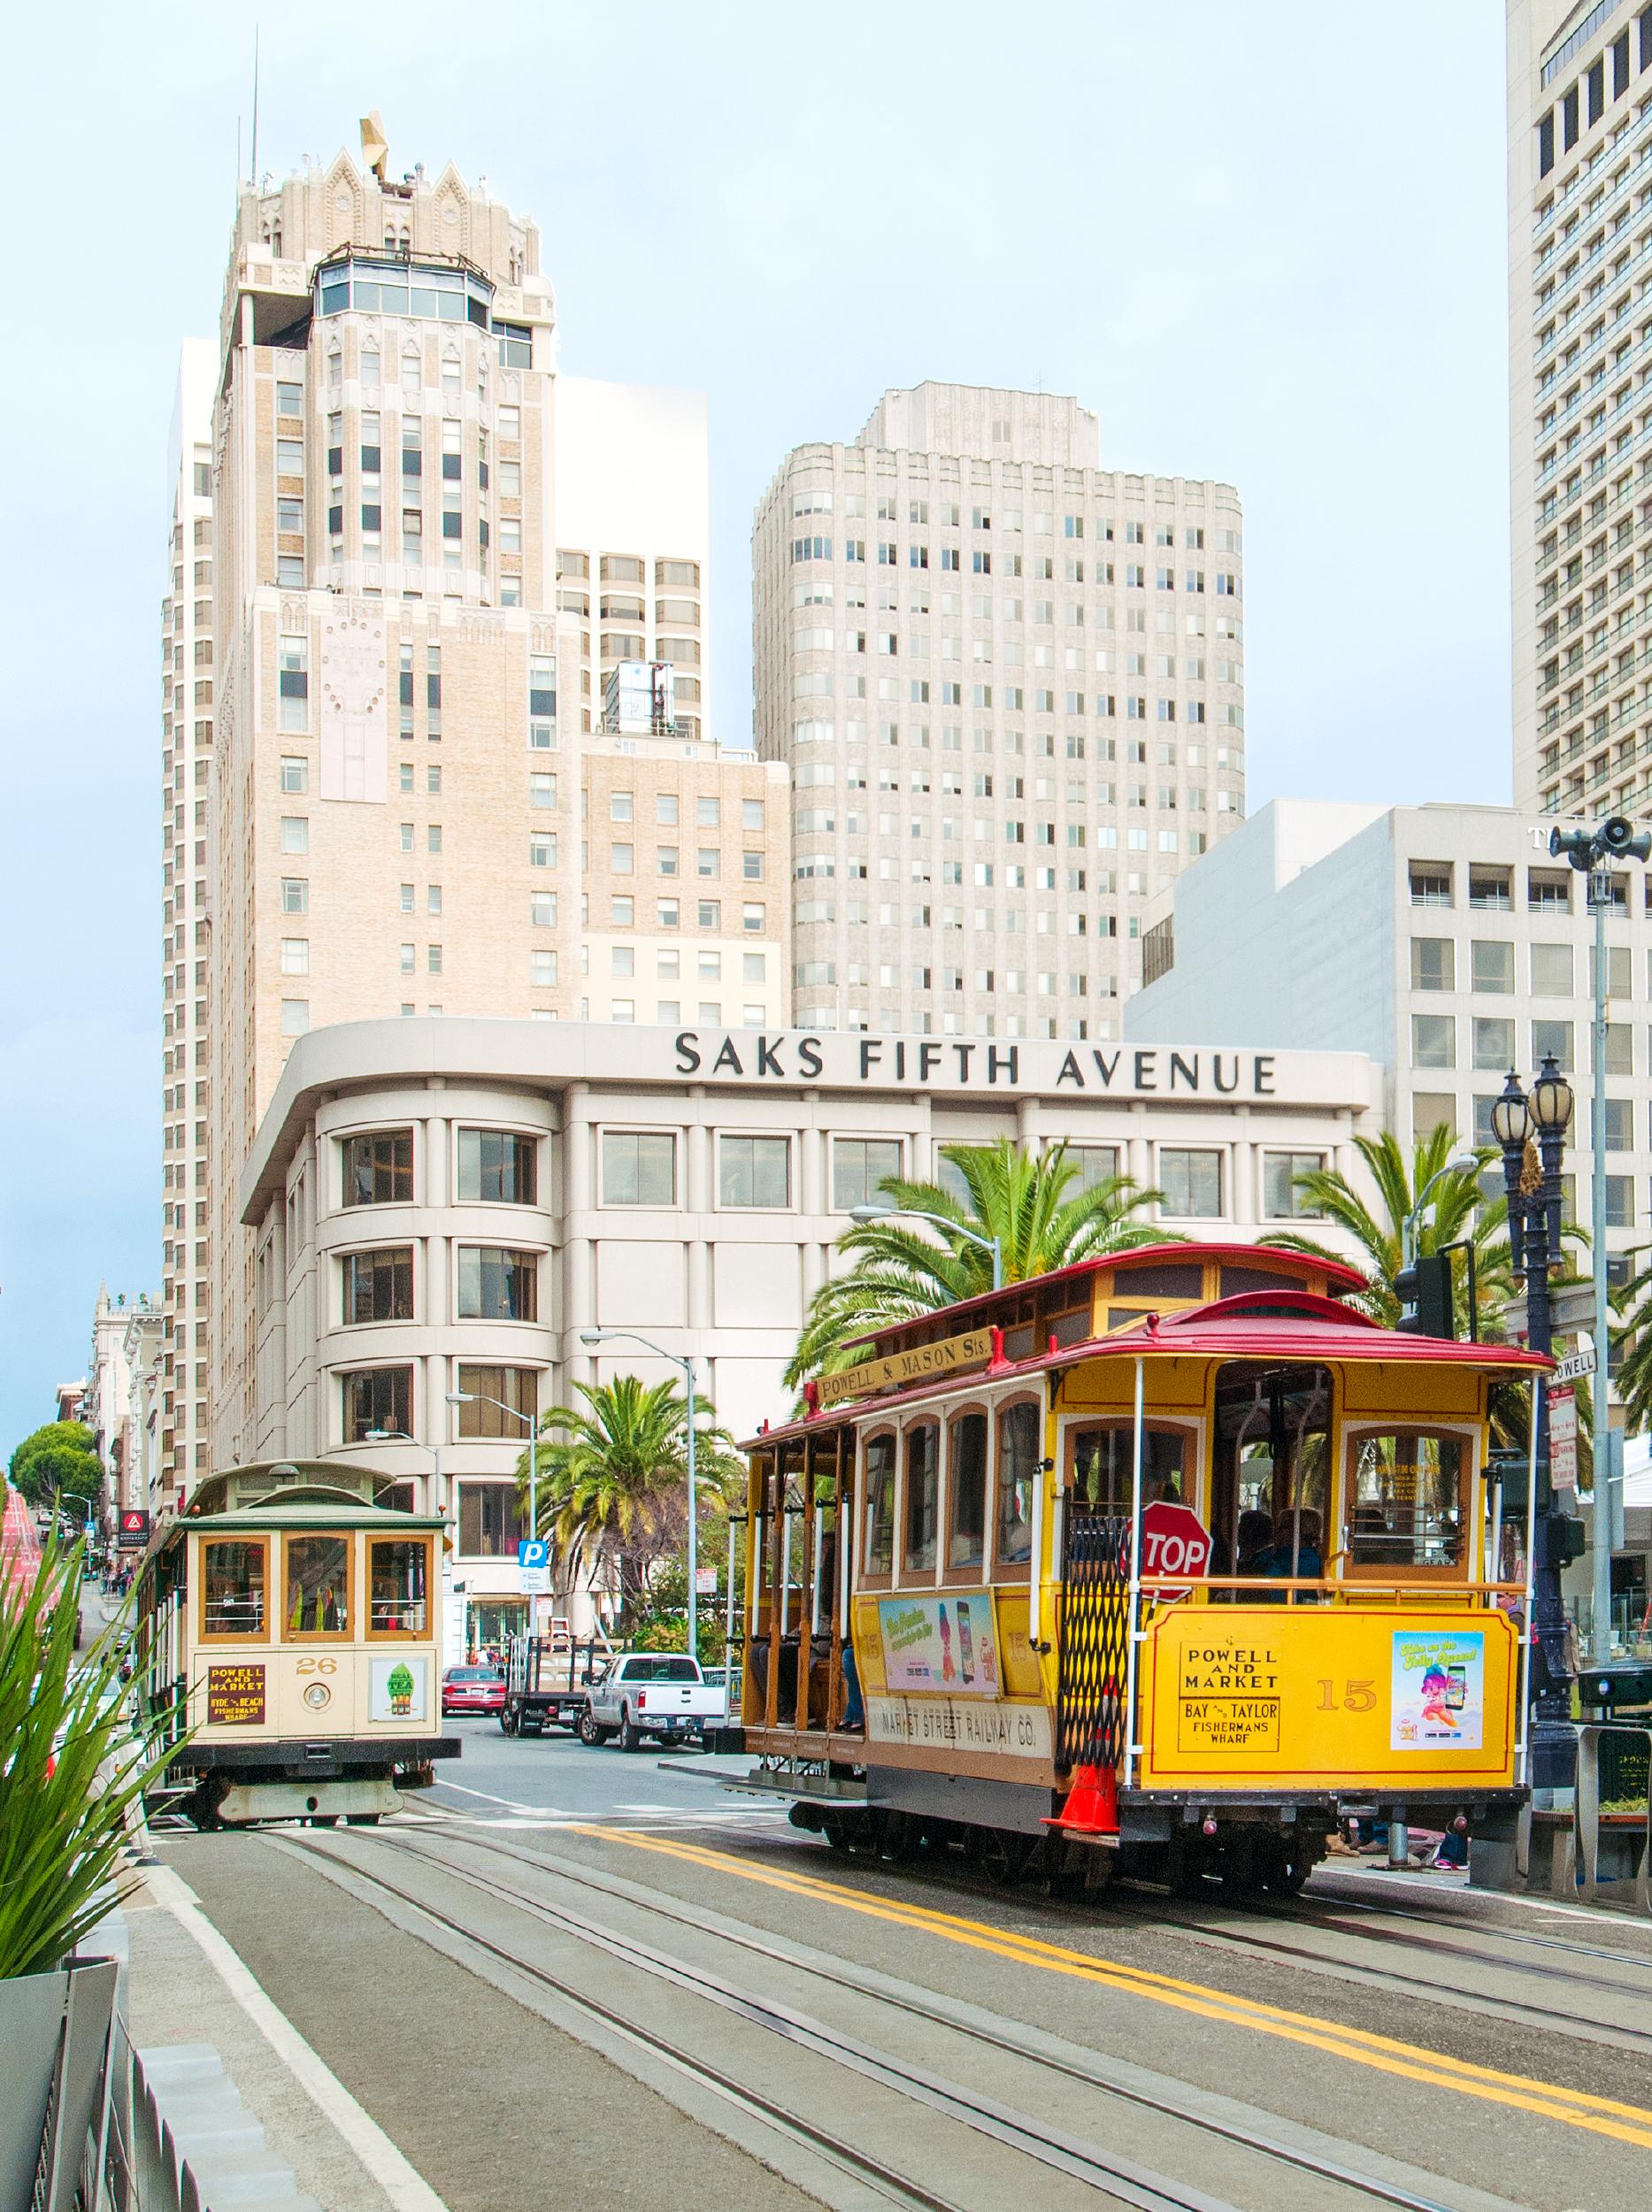 San Francisco Trolley Cars